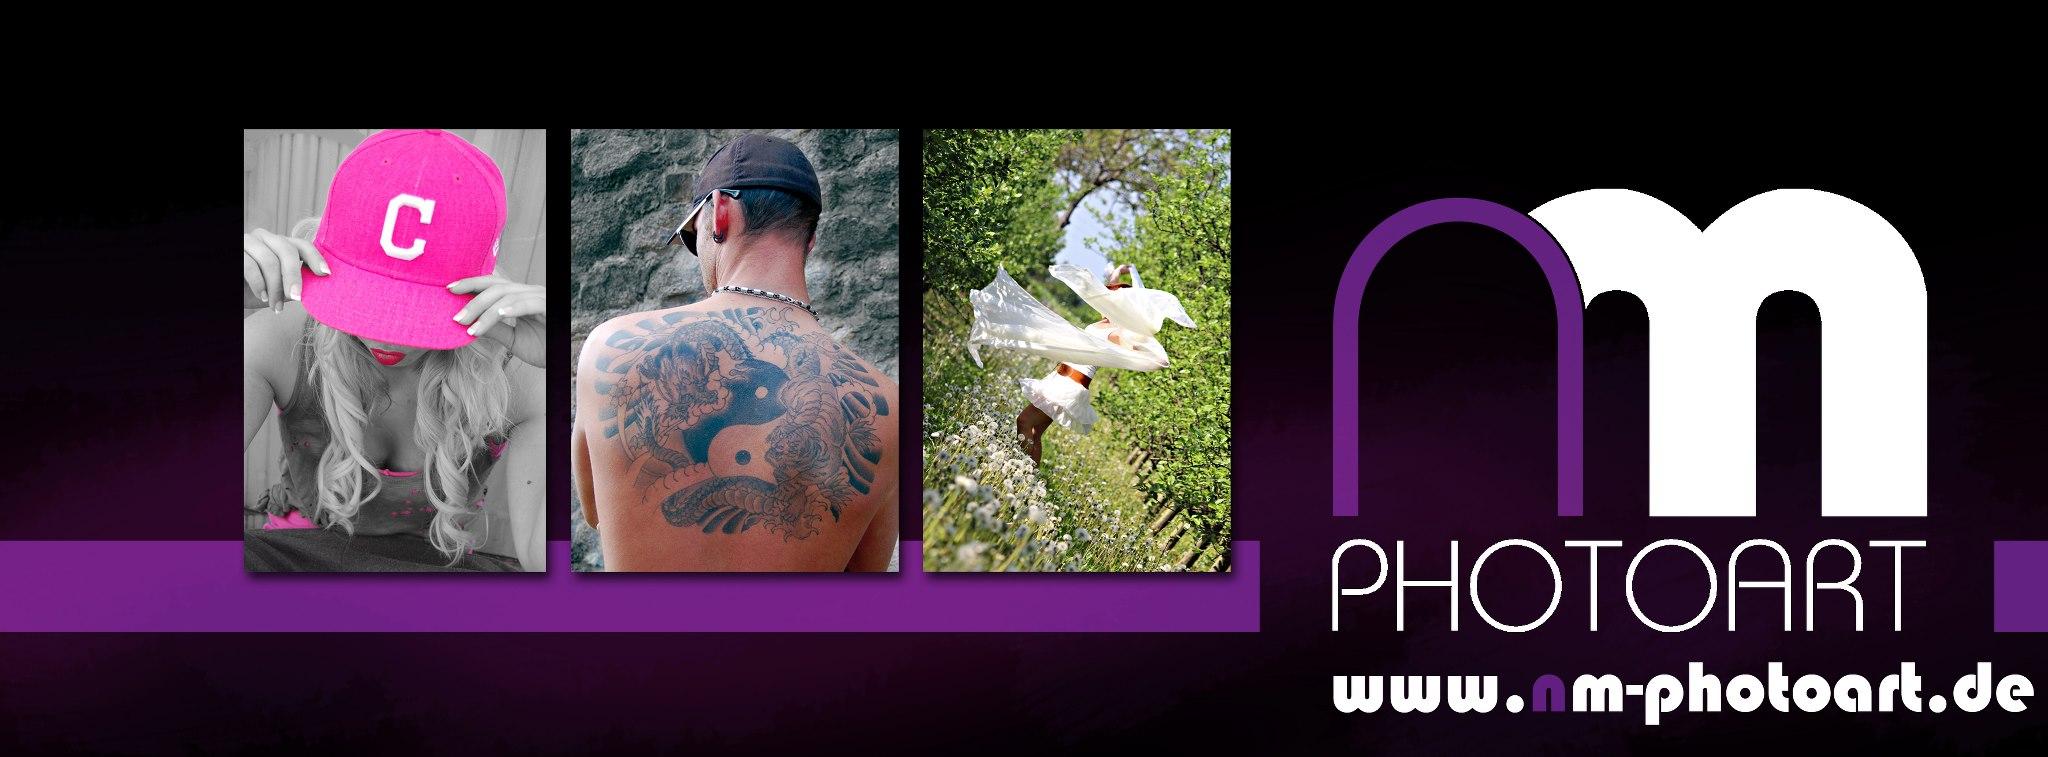 NM-Photoart Fotobox-ODW